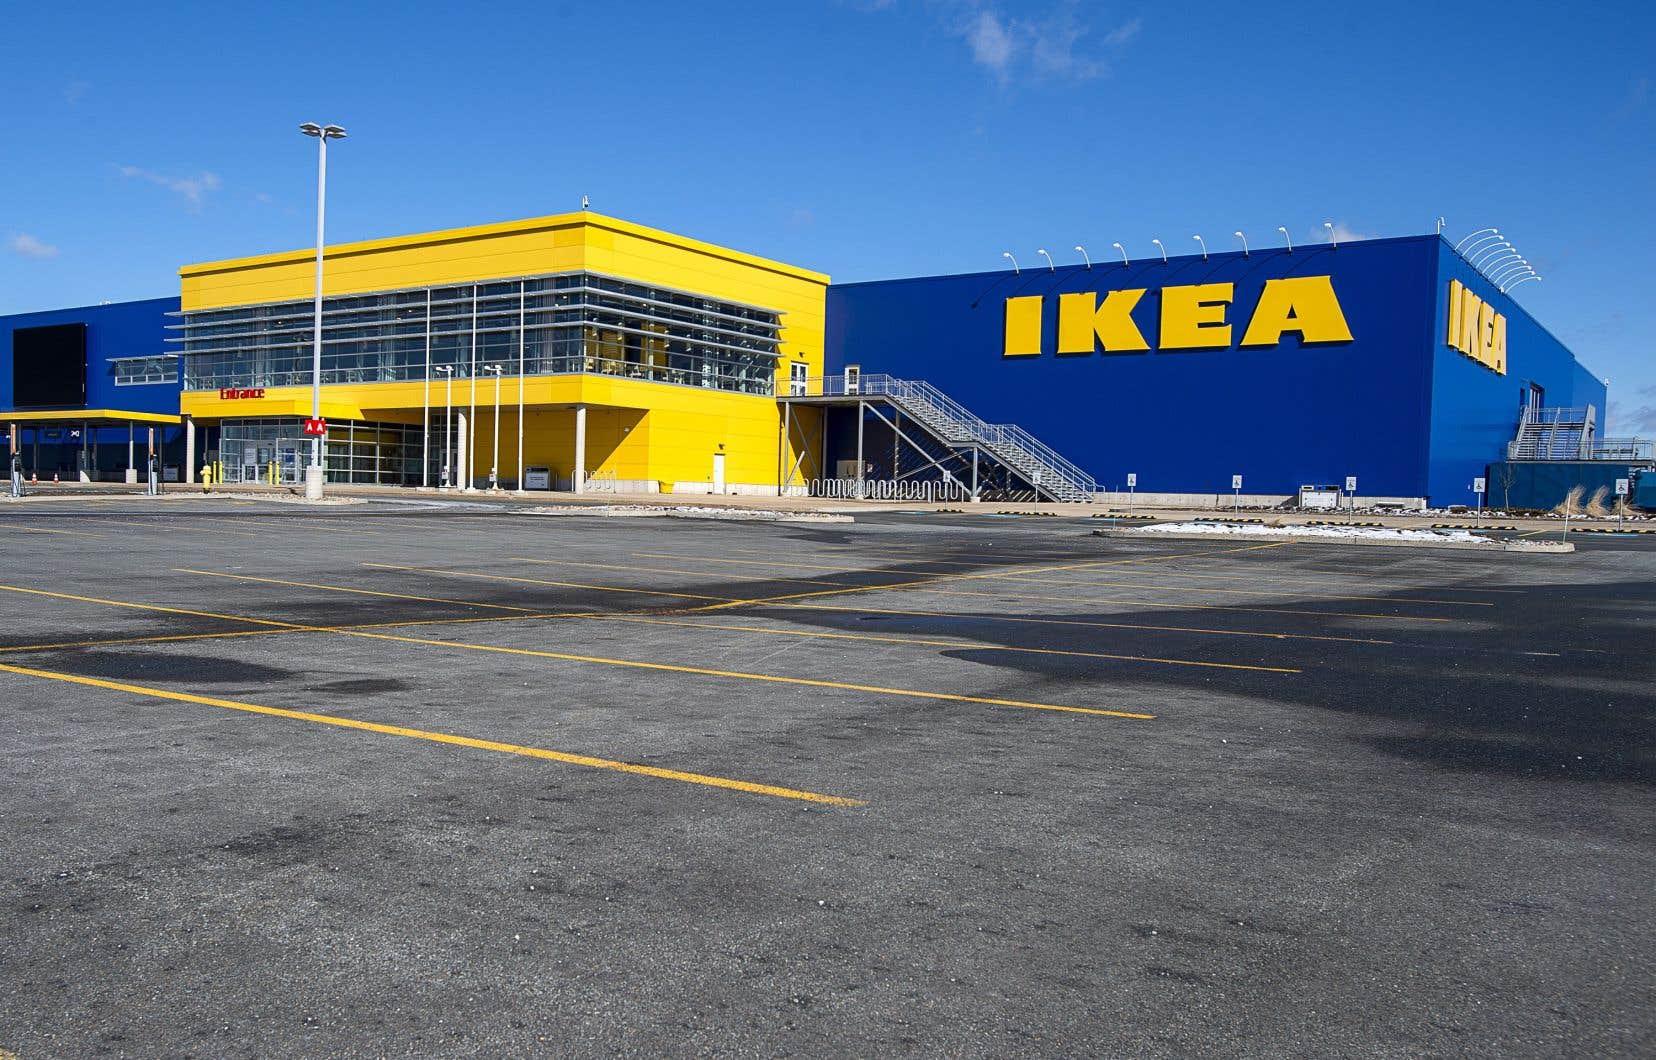 Ikea s'attend à souffrir encore de pénuries en 2022